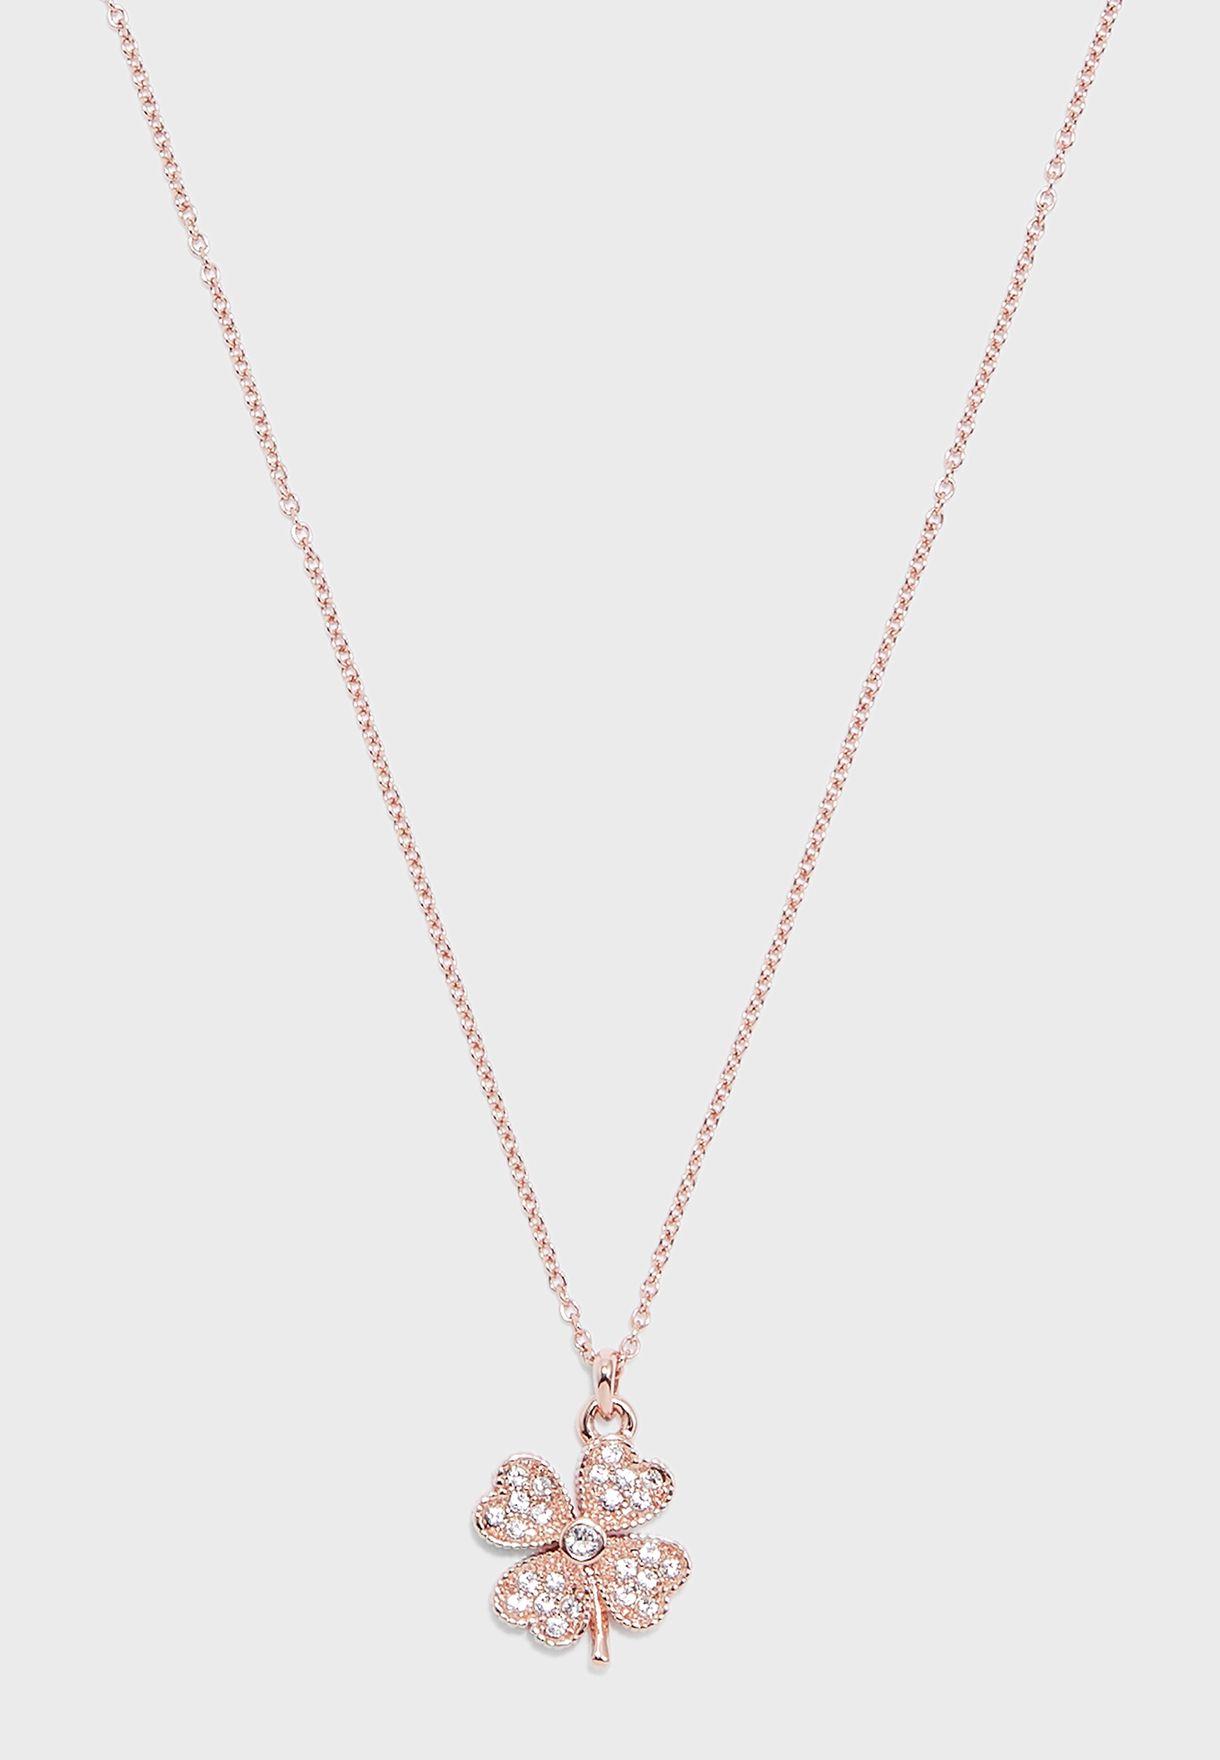 Heyam Hidden Heart Clover Pendant Necklace